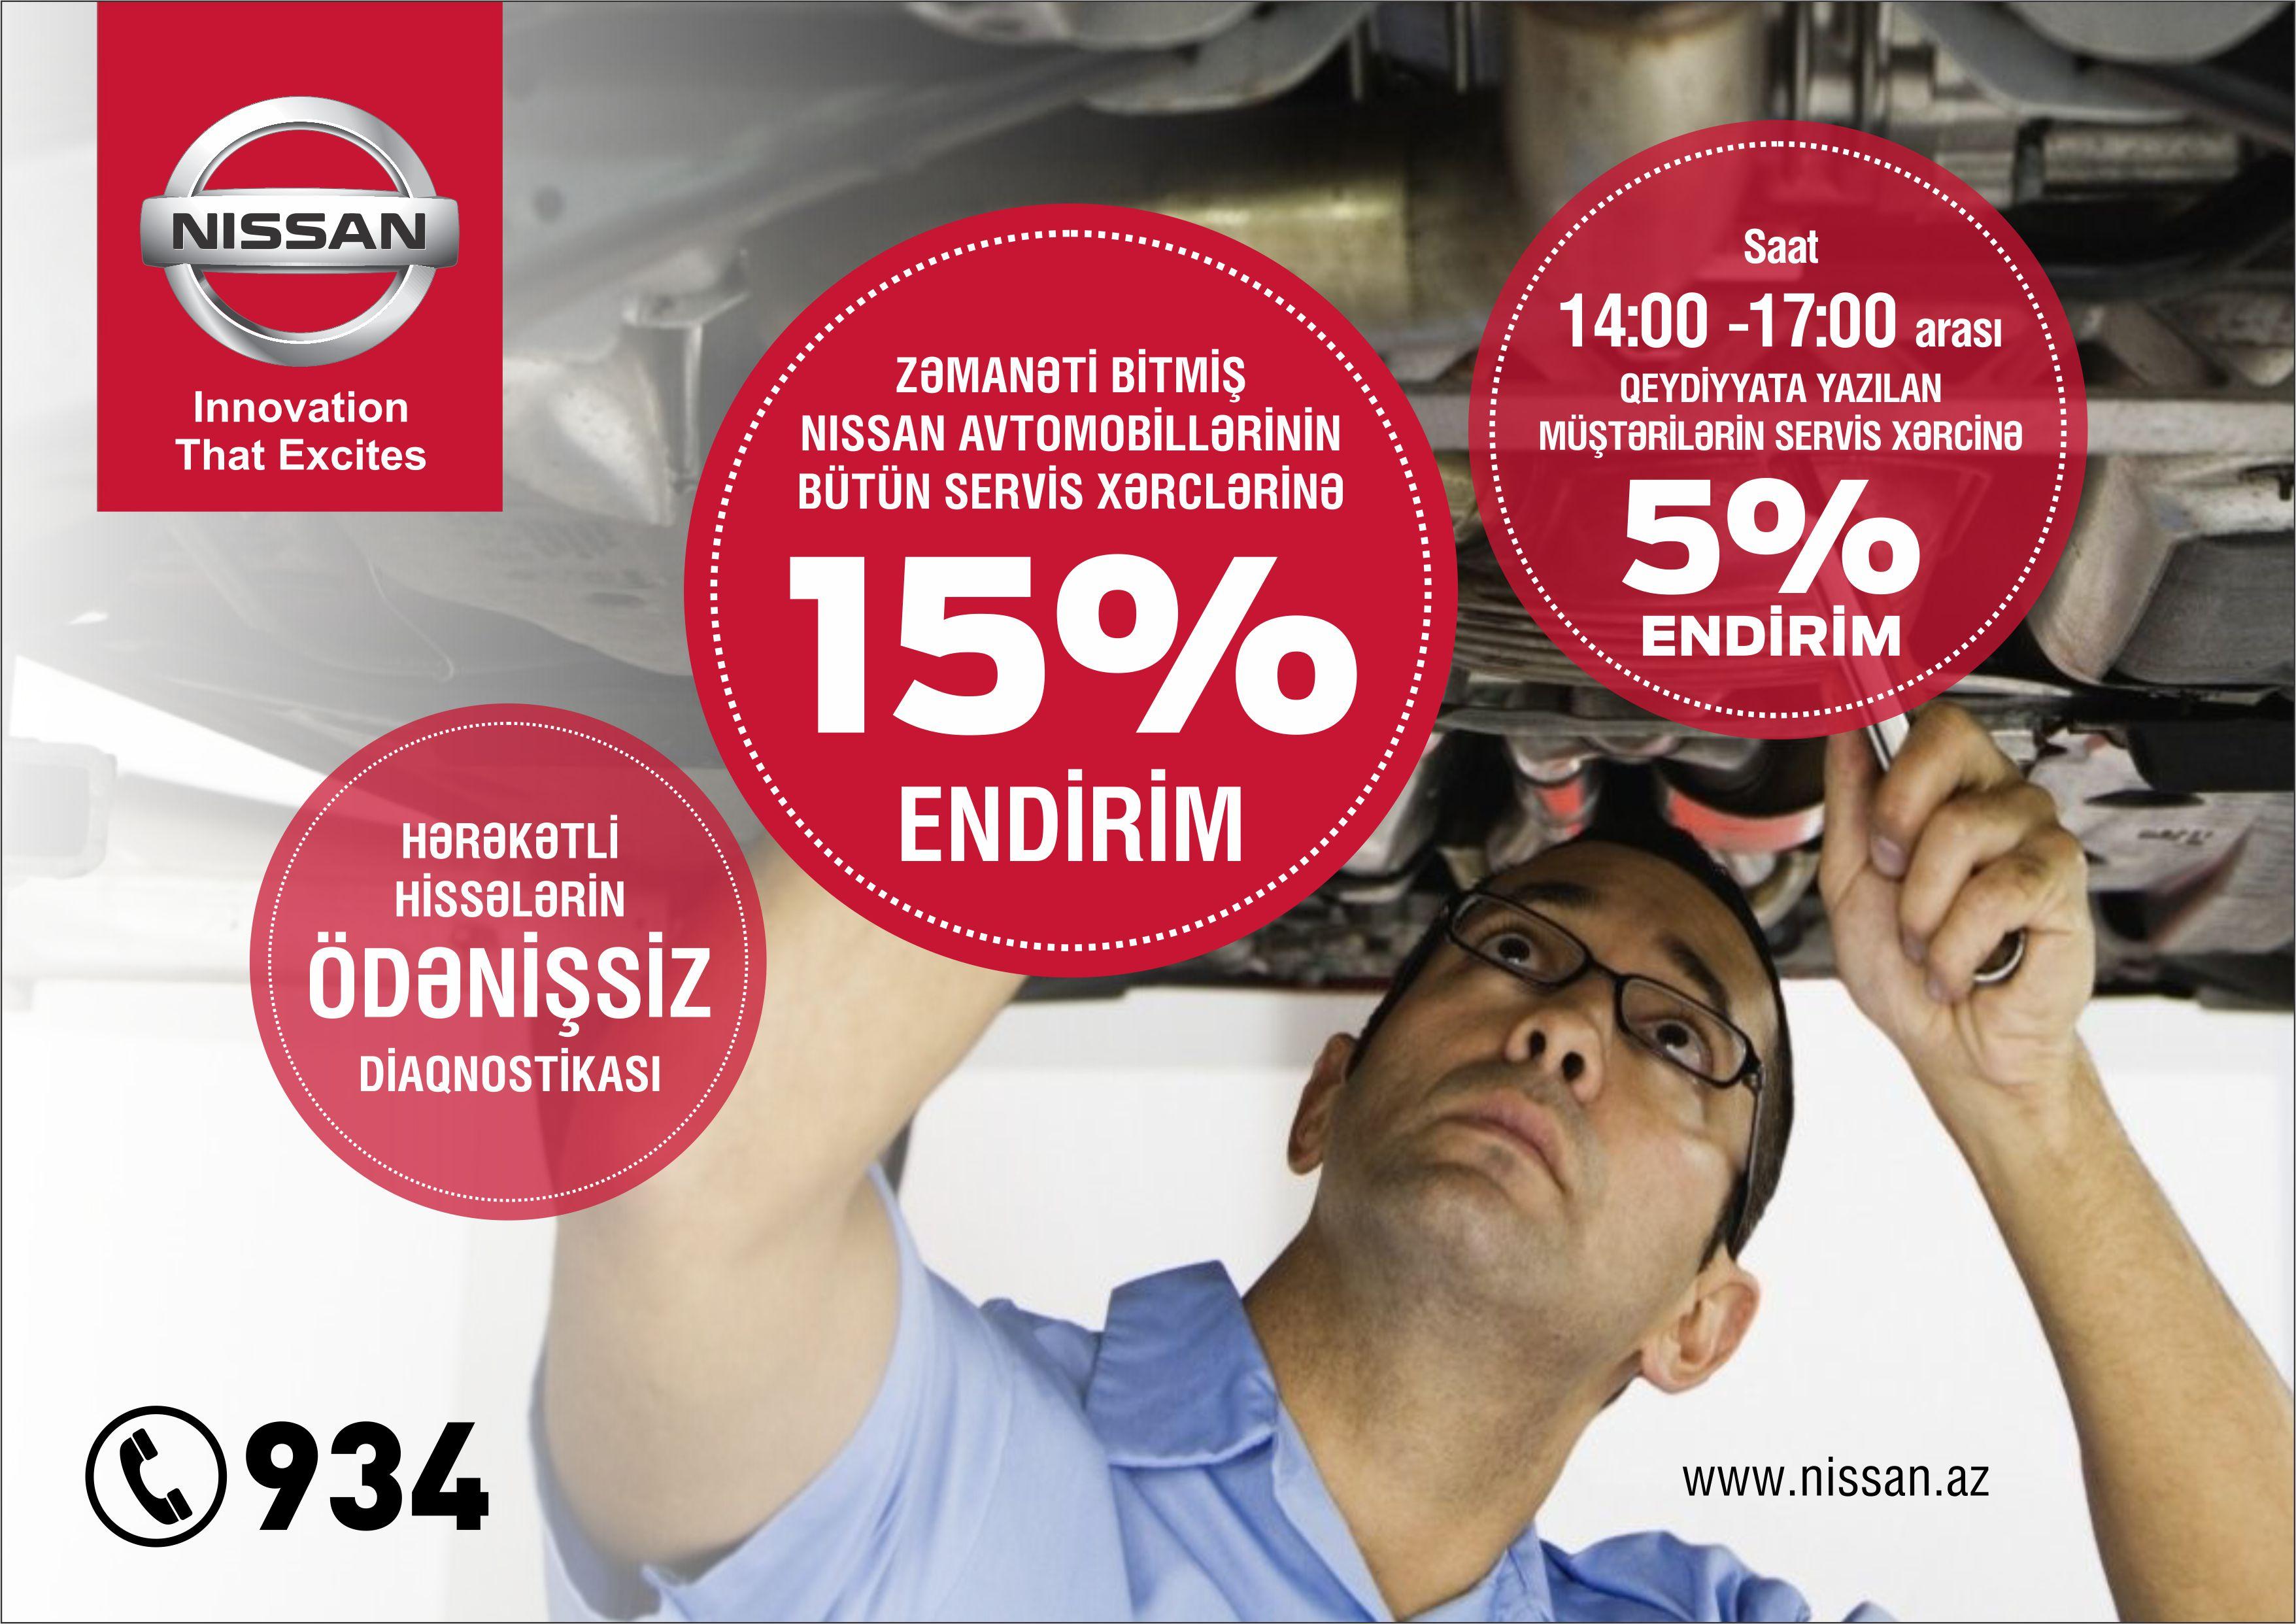 """""""Nurgün Motors"""" müştərilərini sevindirməyə davam edir!"""